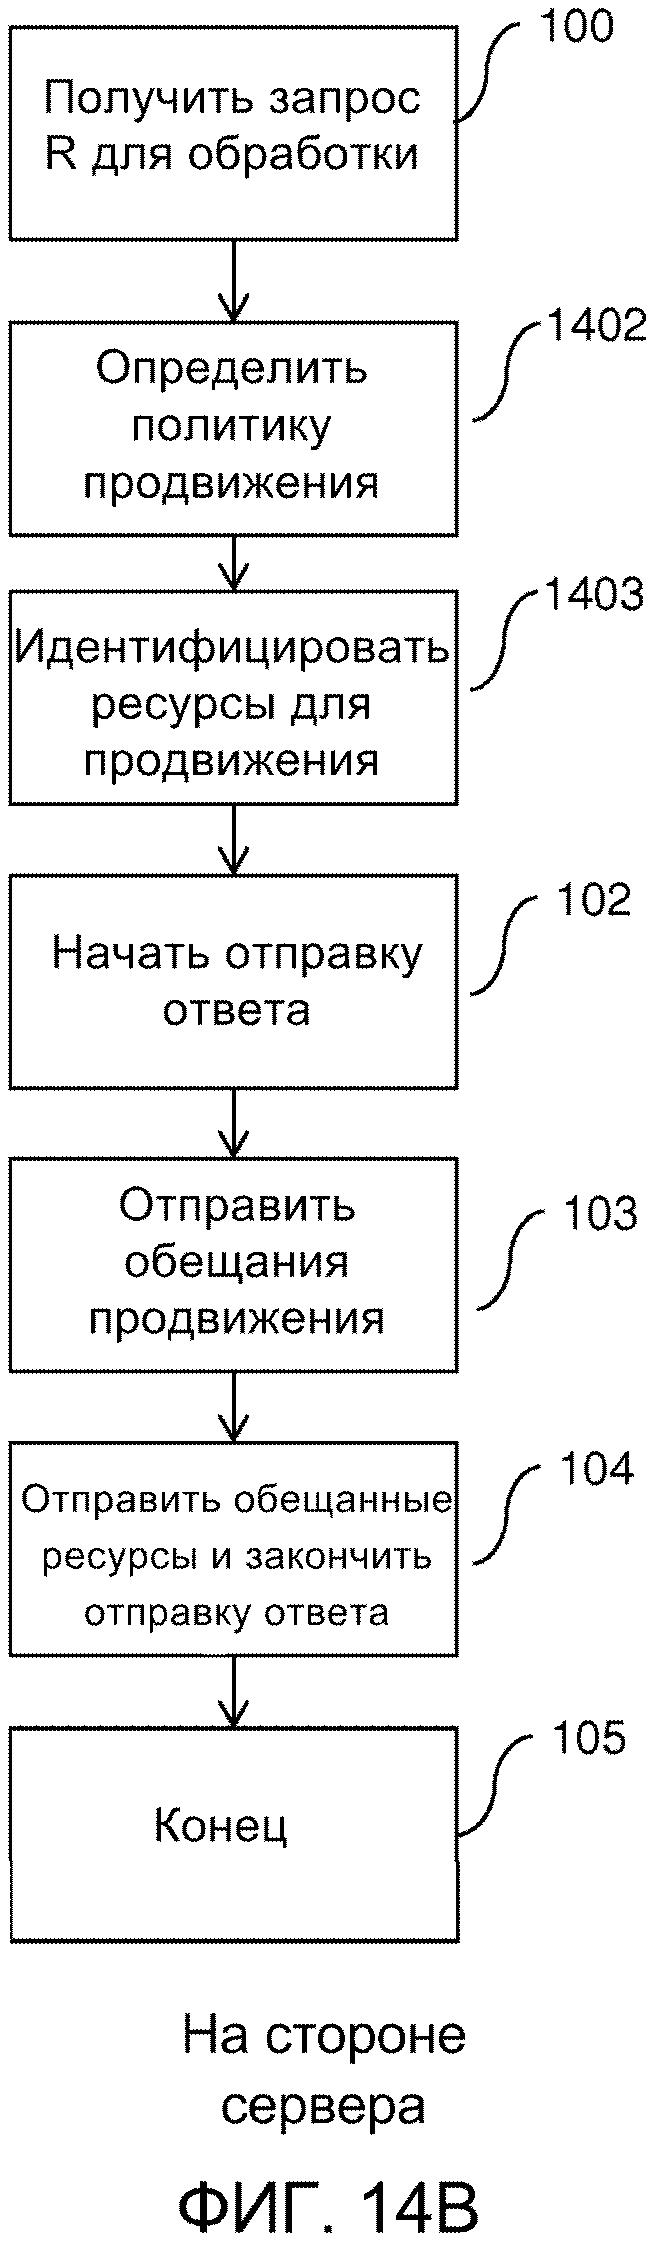 Способ адаптивной потоковой передачи данных с управлением сообщениями активной доставки